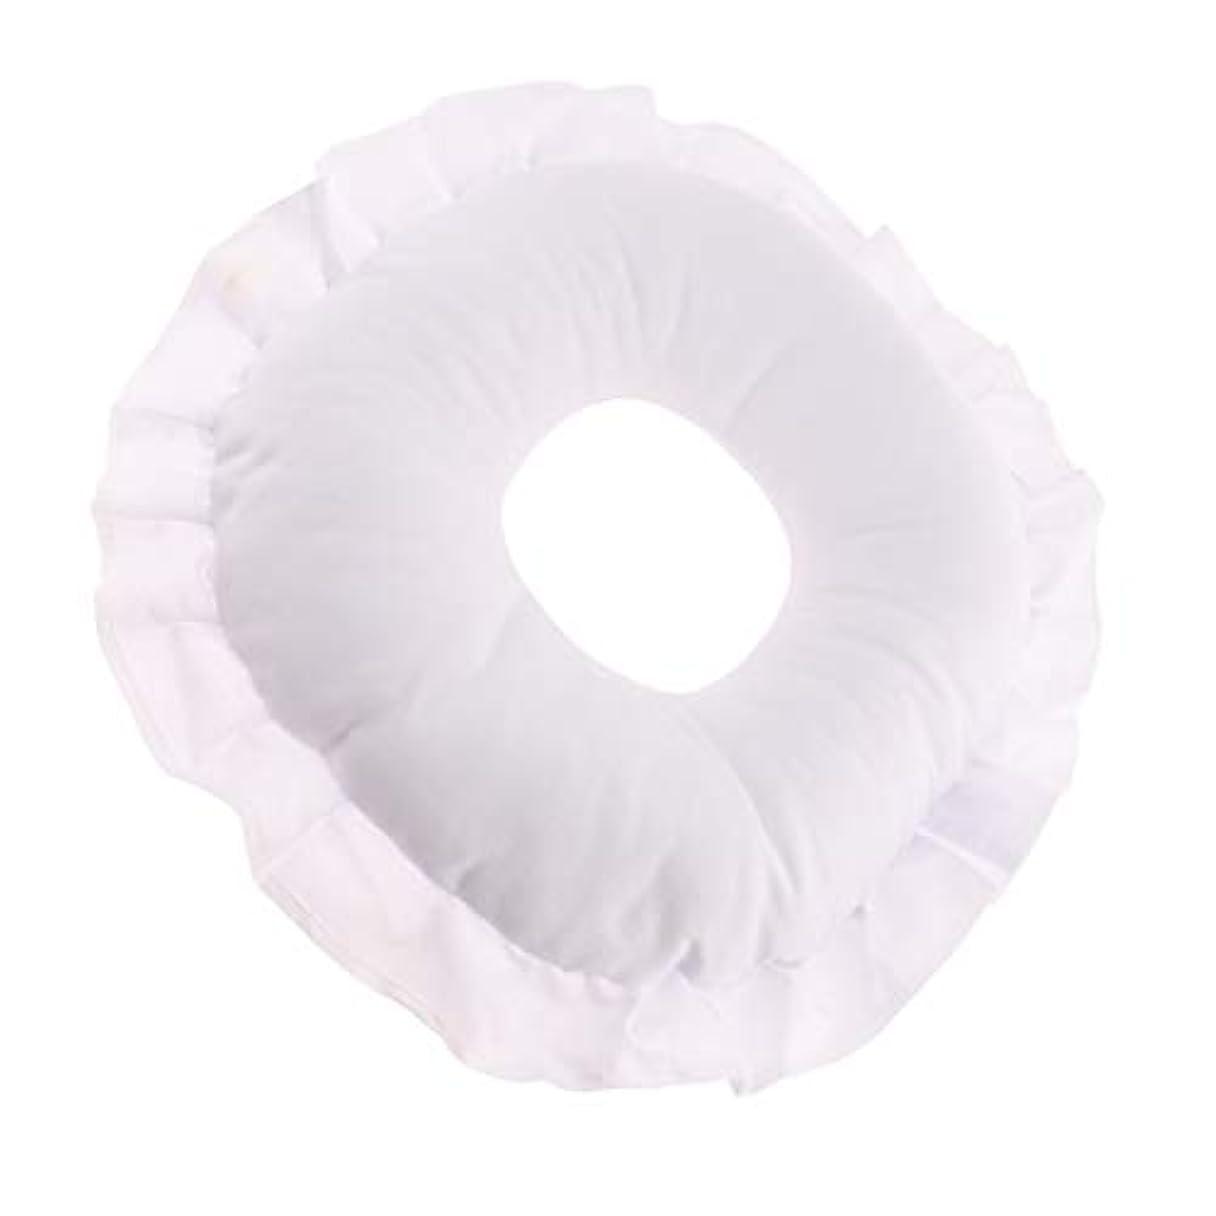 恐れ出身地選択するCUTICATE 全3色 フェイスピロー 顔枕 マッサージ枕 マッサージテーブルピロー 柔軟 洗えるカバー リラックス - 白